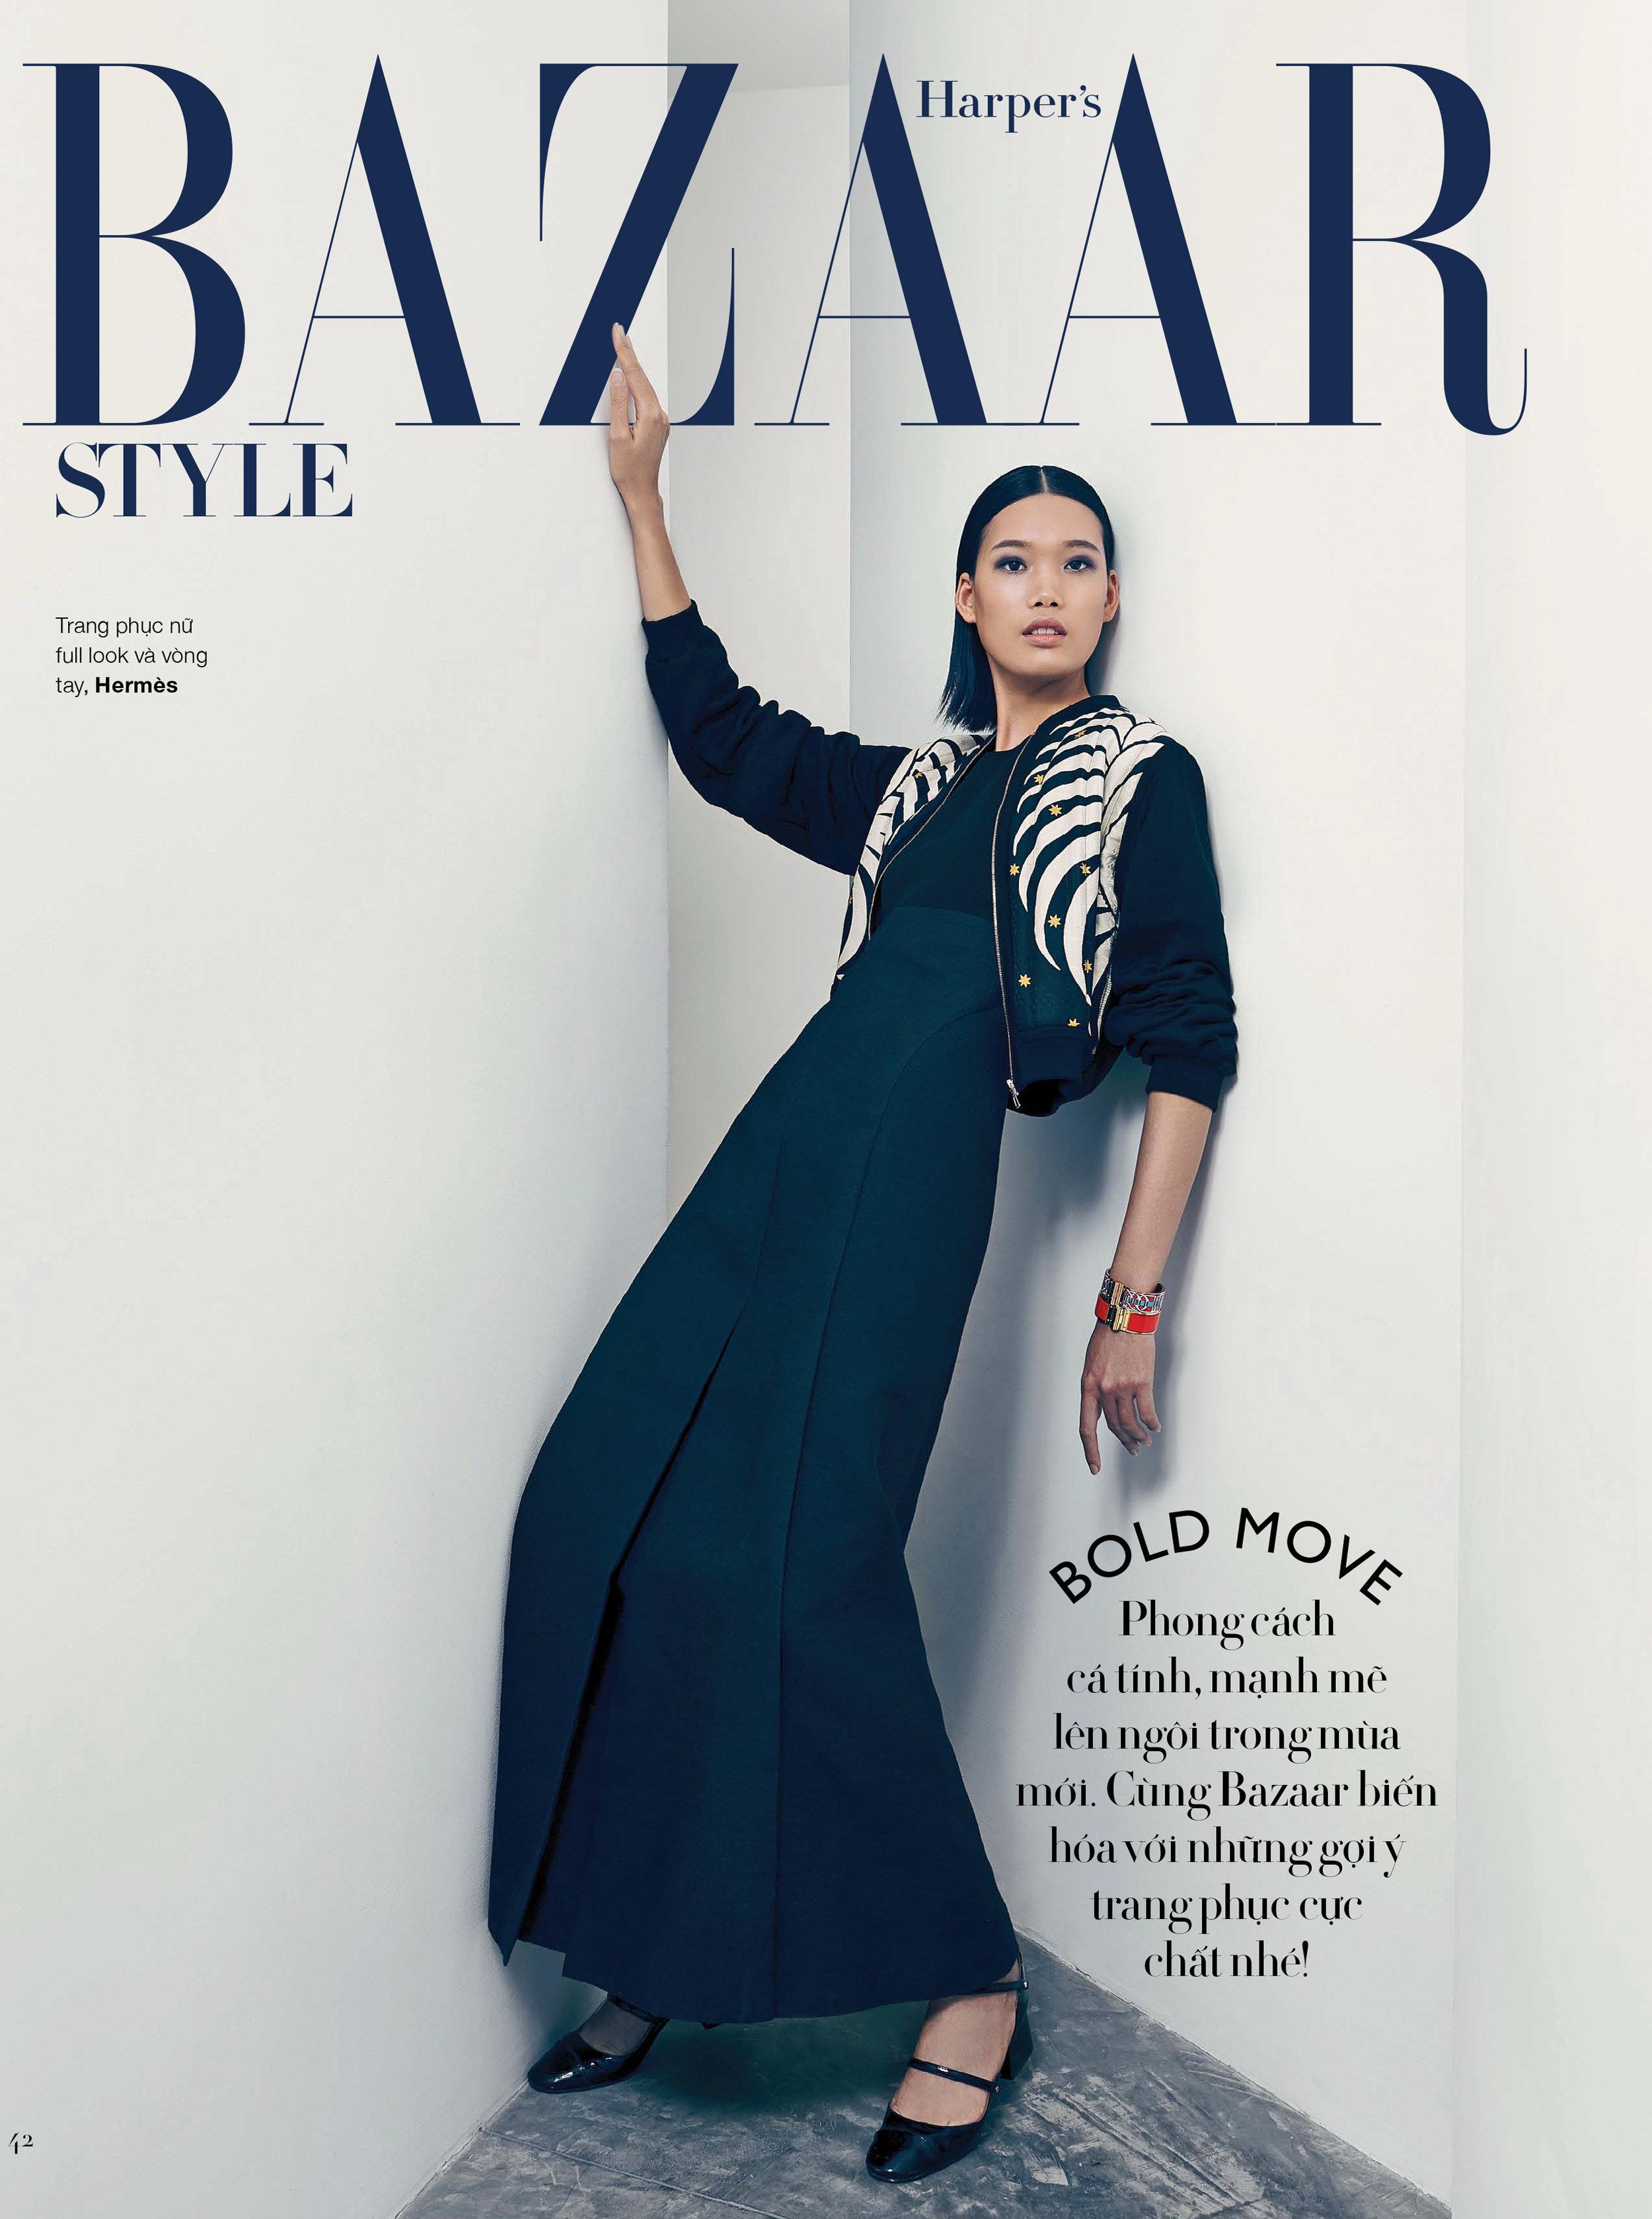 Harper's Bazaar x Hermes SS17